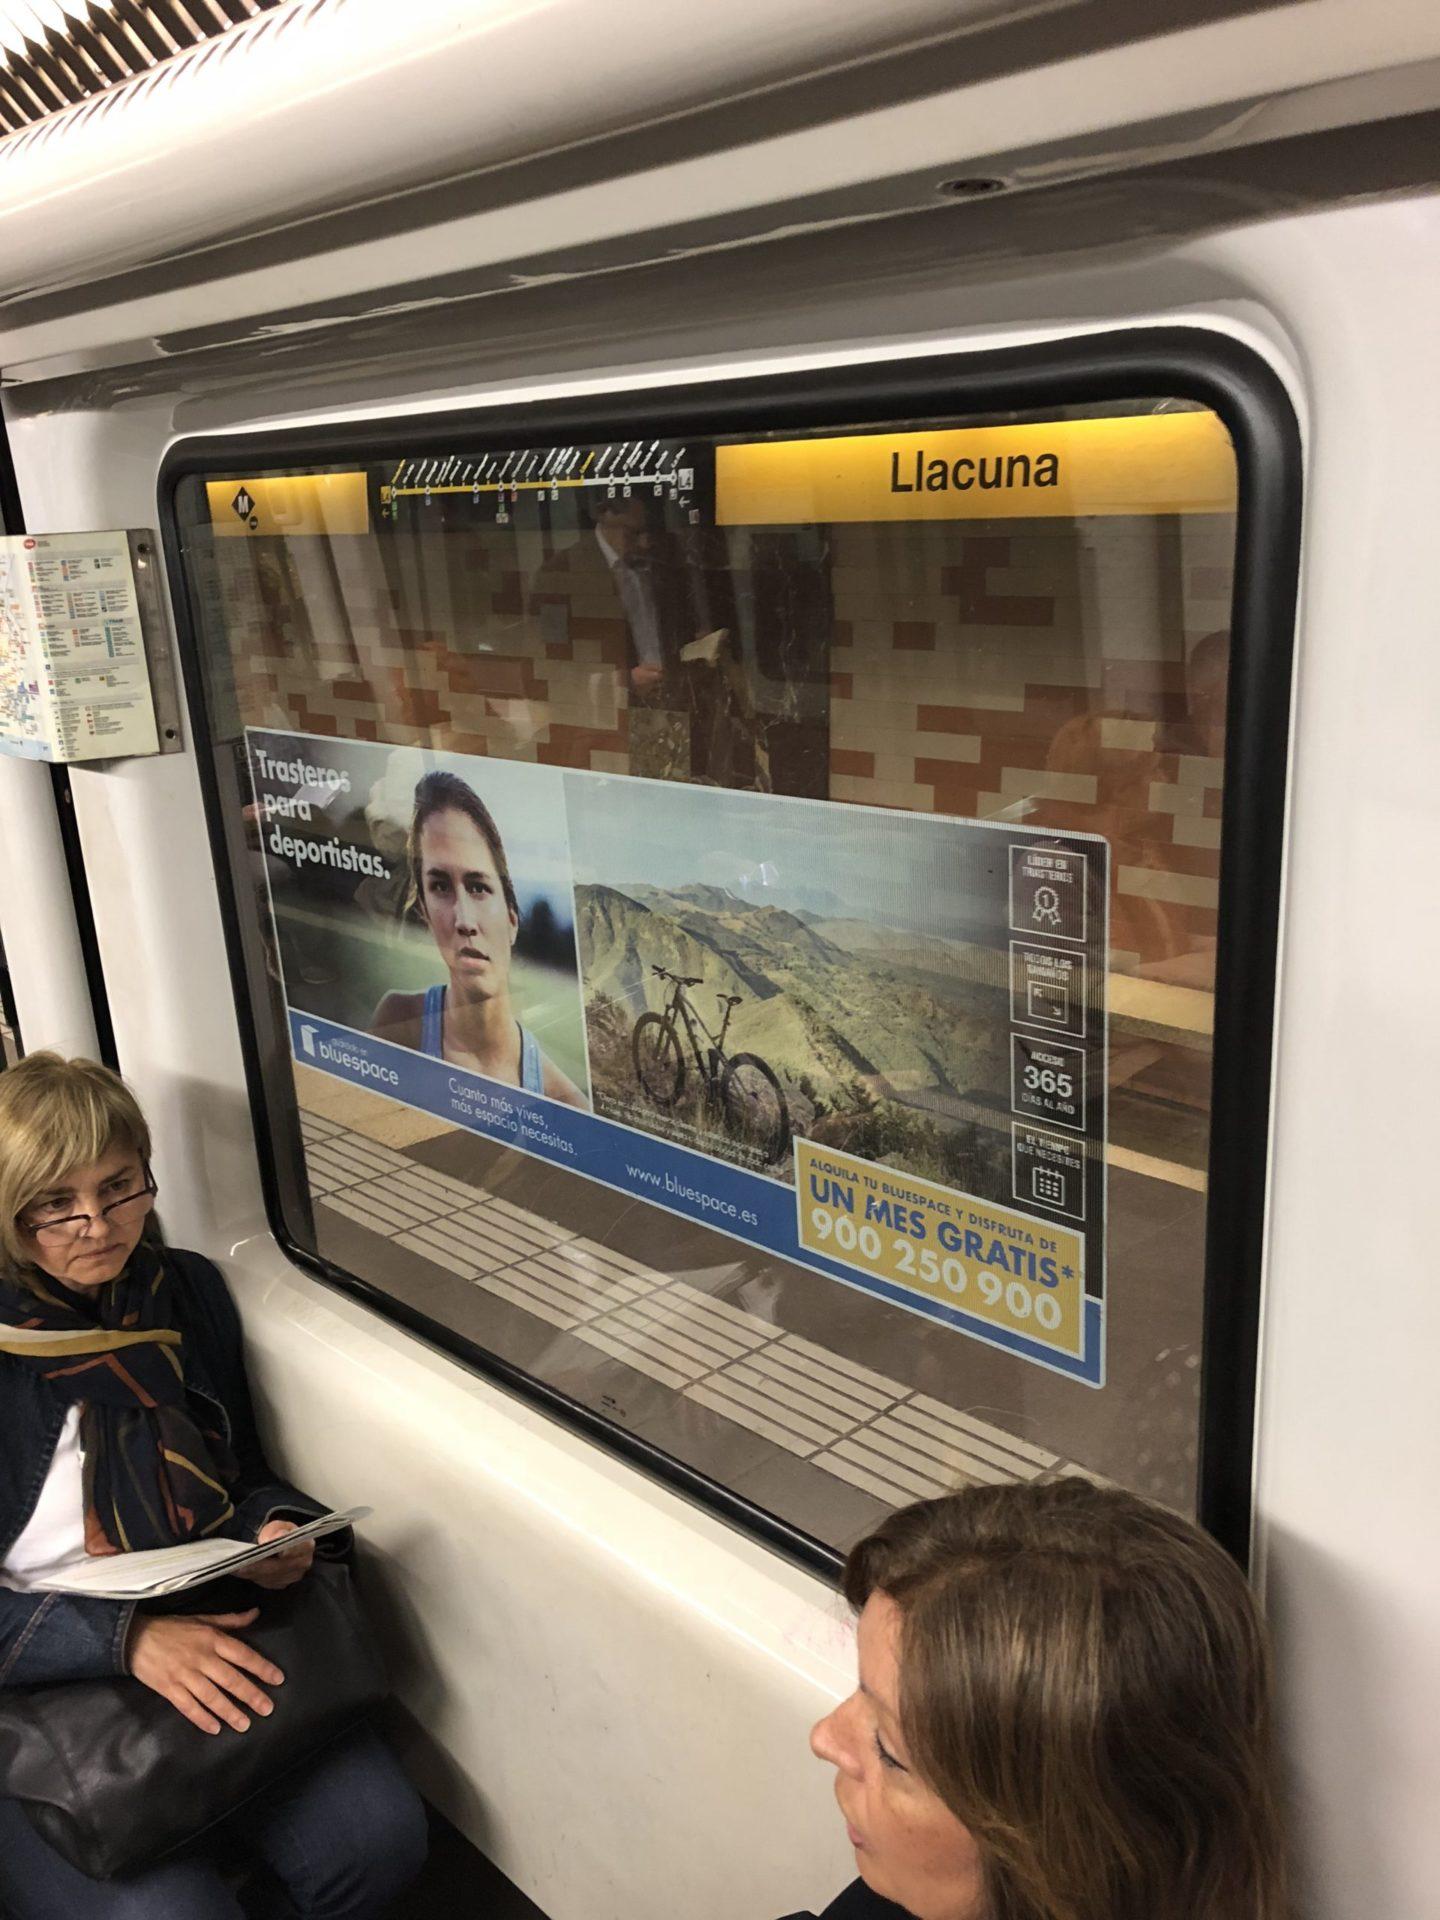 inside-underground-train-window-vinyl-film